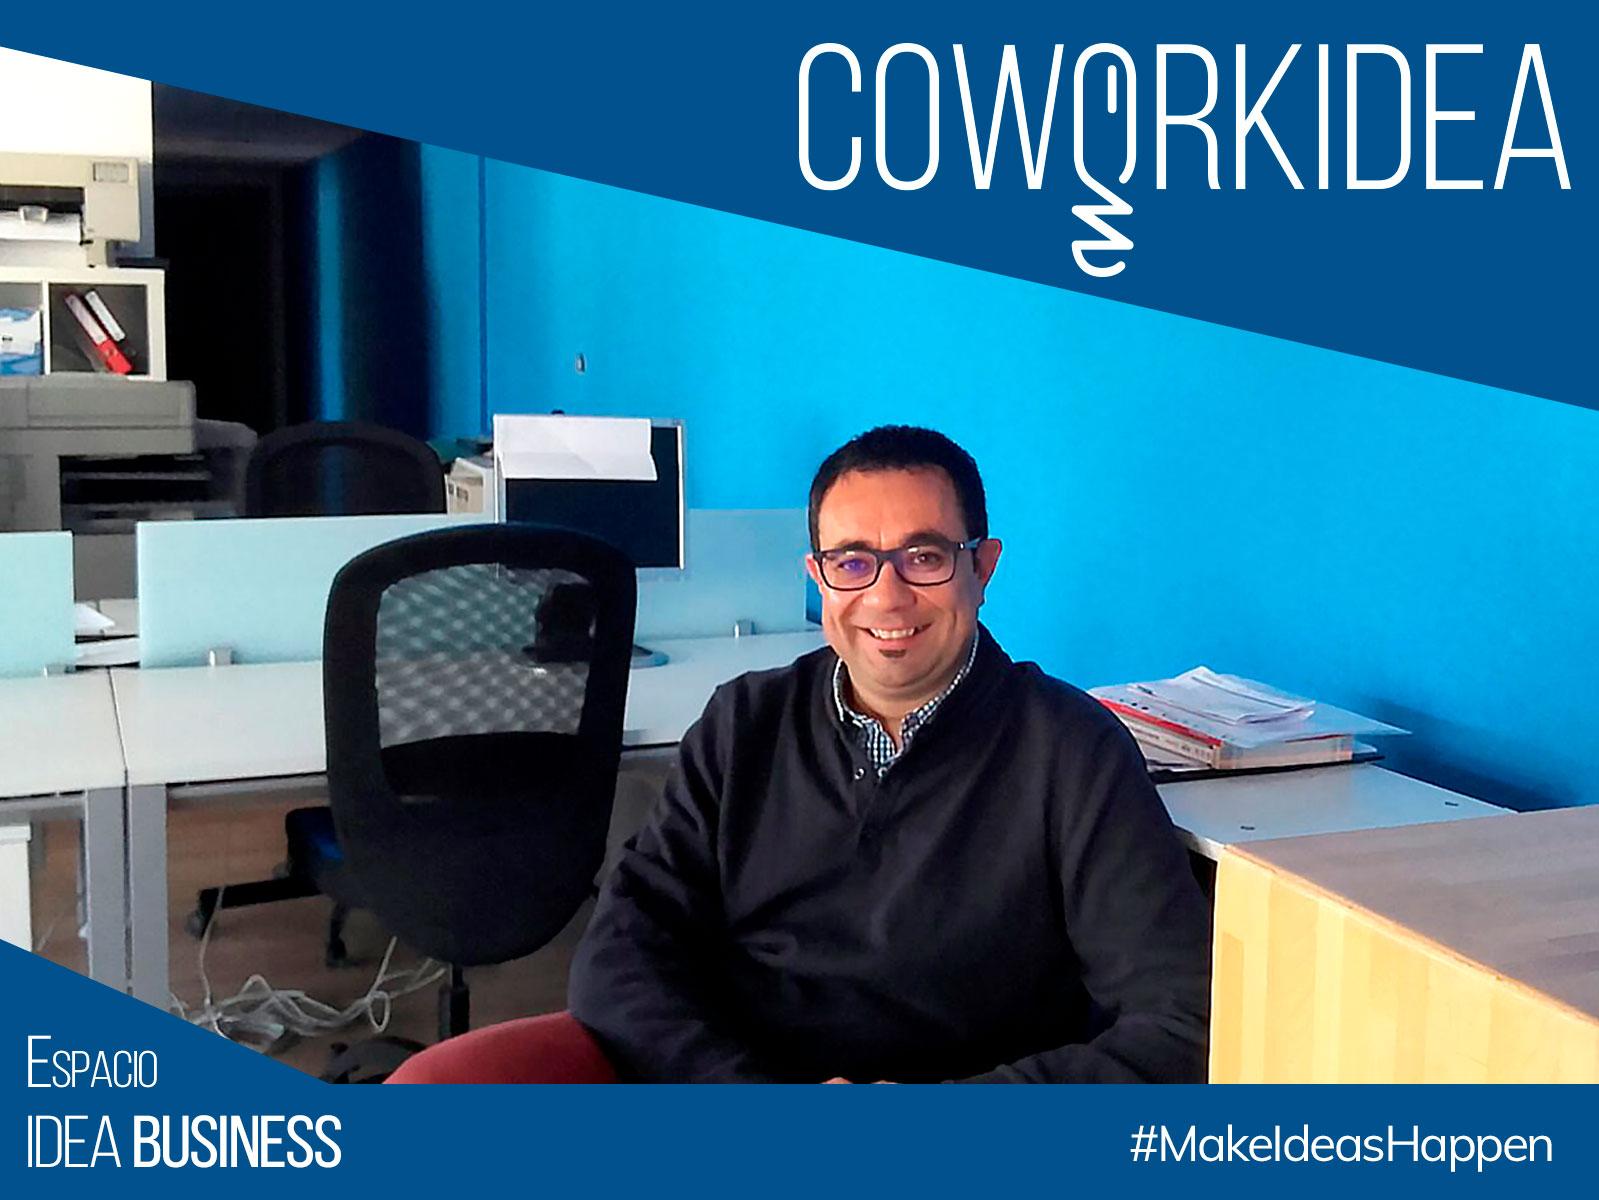 Entrevista a Toni Valiente, coworker de la comunidad Coworkidea